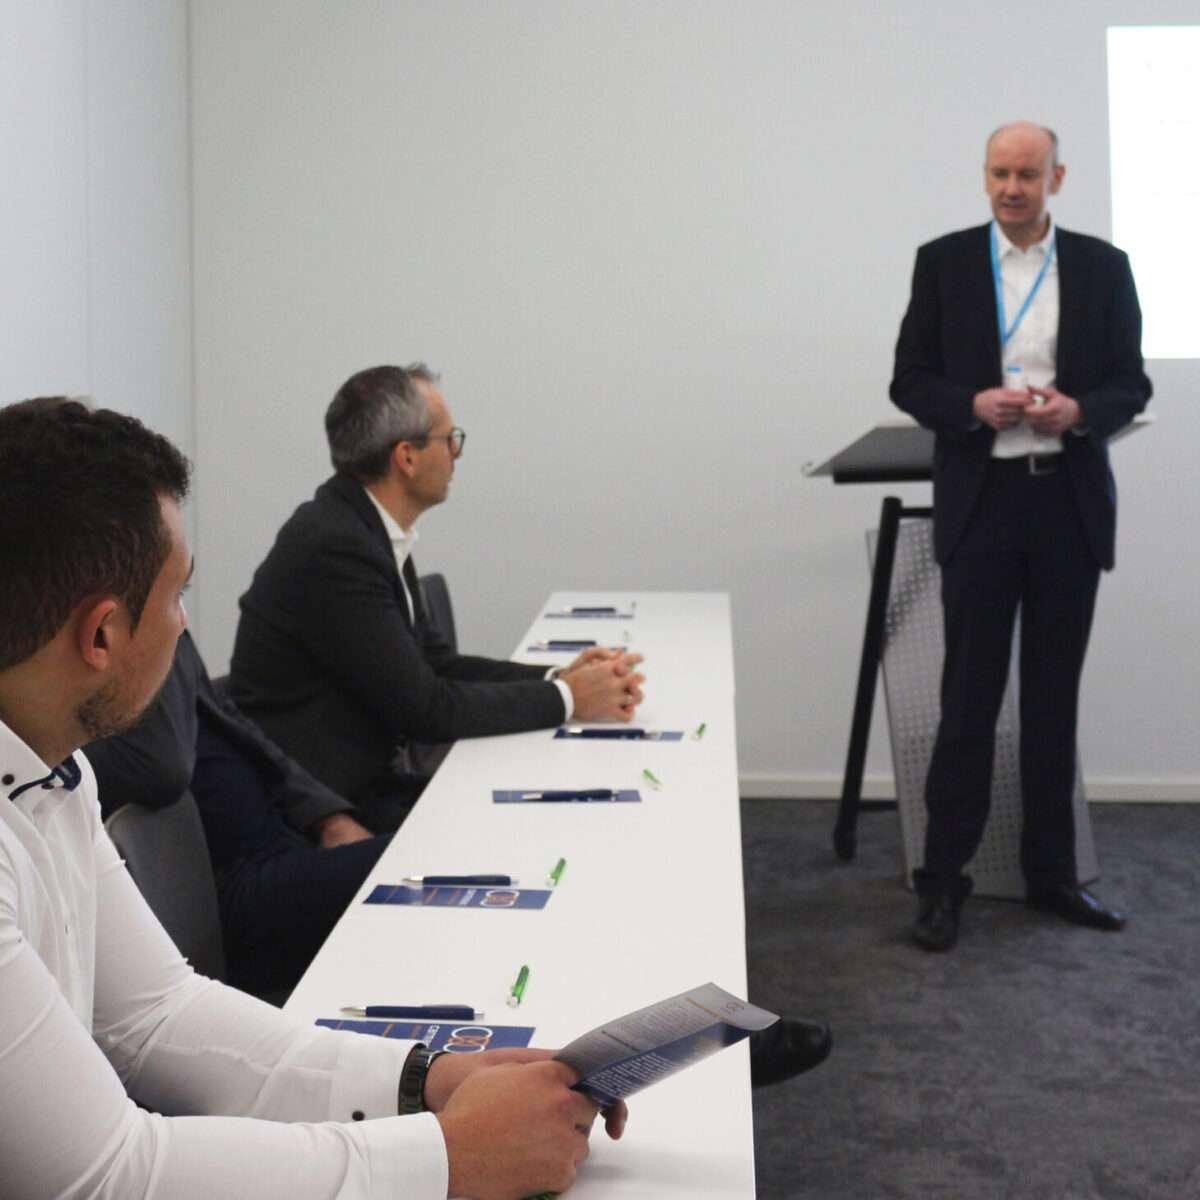 """Carsten Marmulla hält den Workshop """"Digitalisierungsrisiken minimieren"""" auf einer Digital-Messe"""